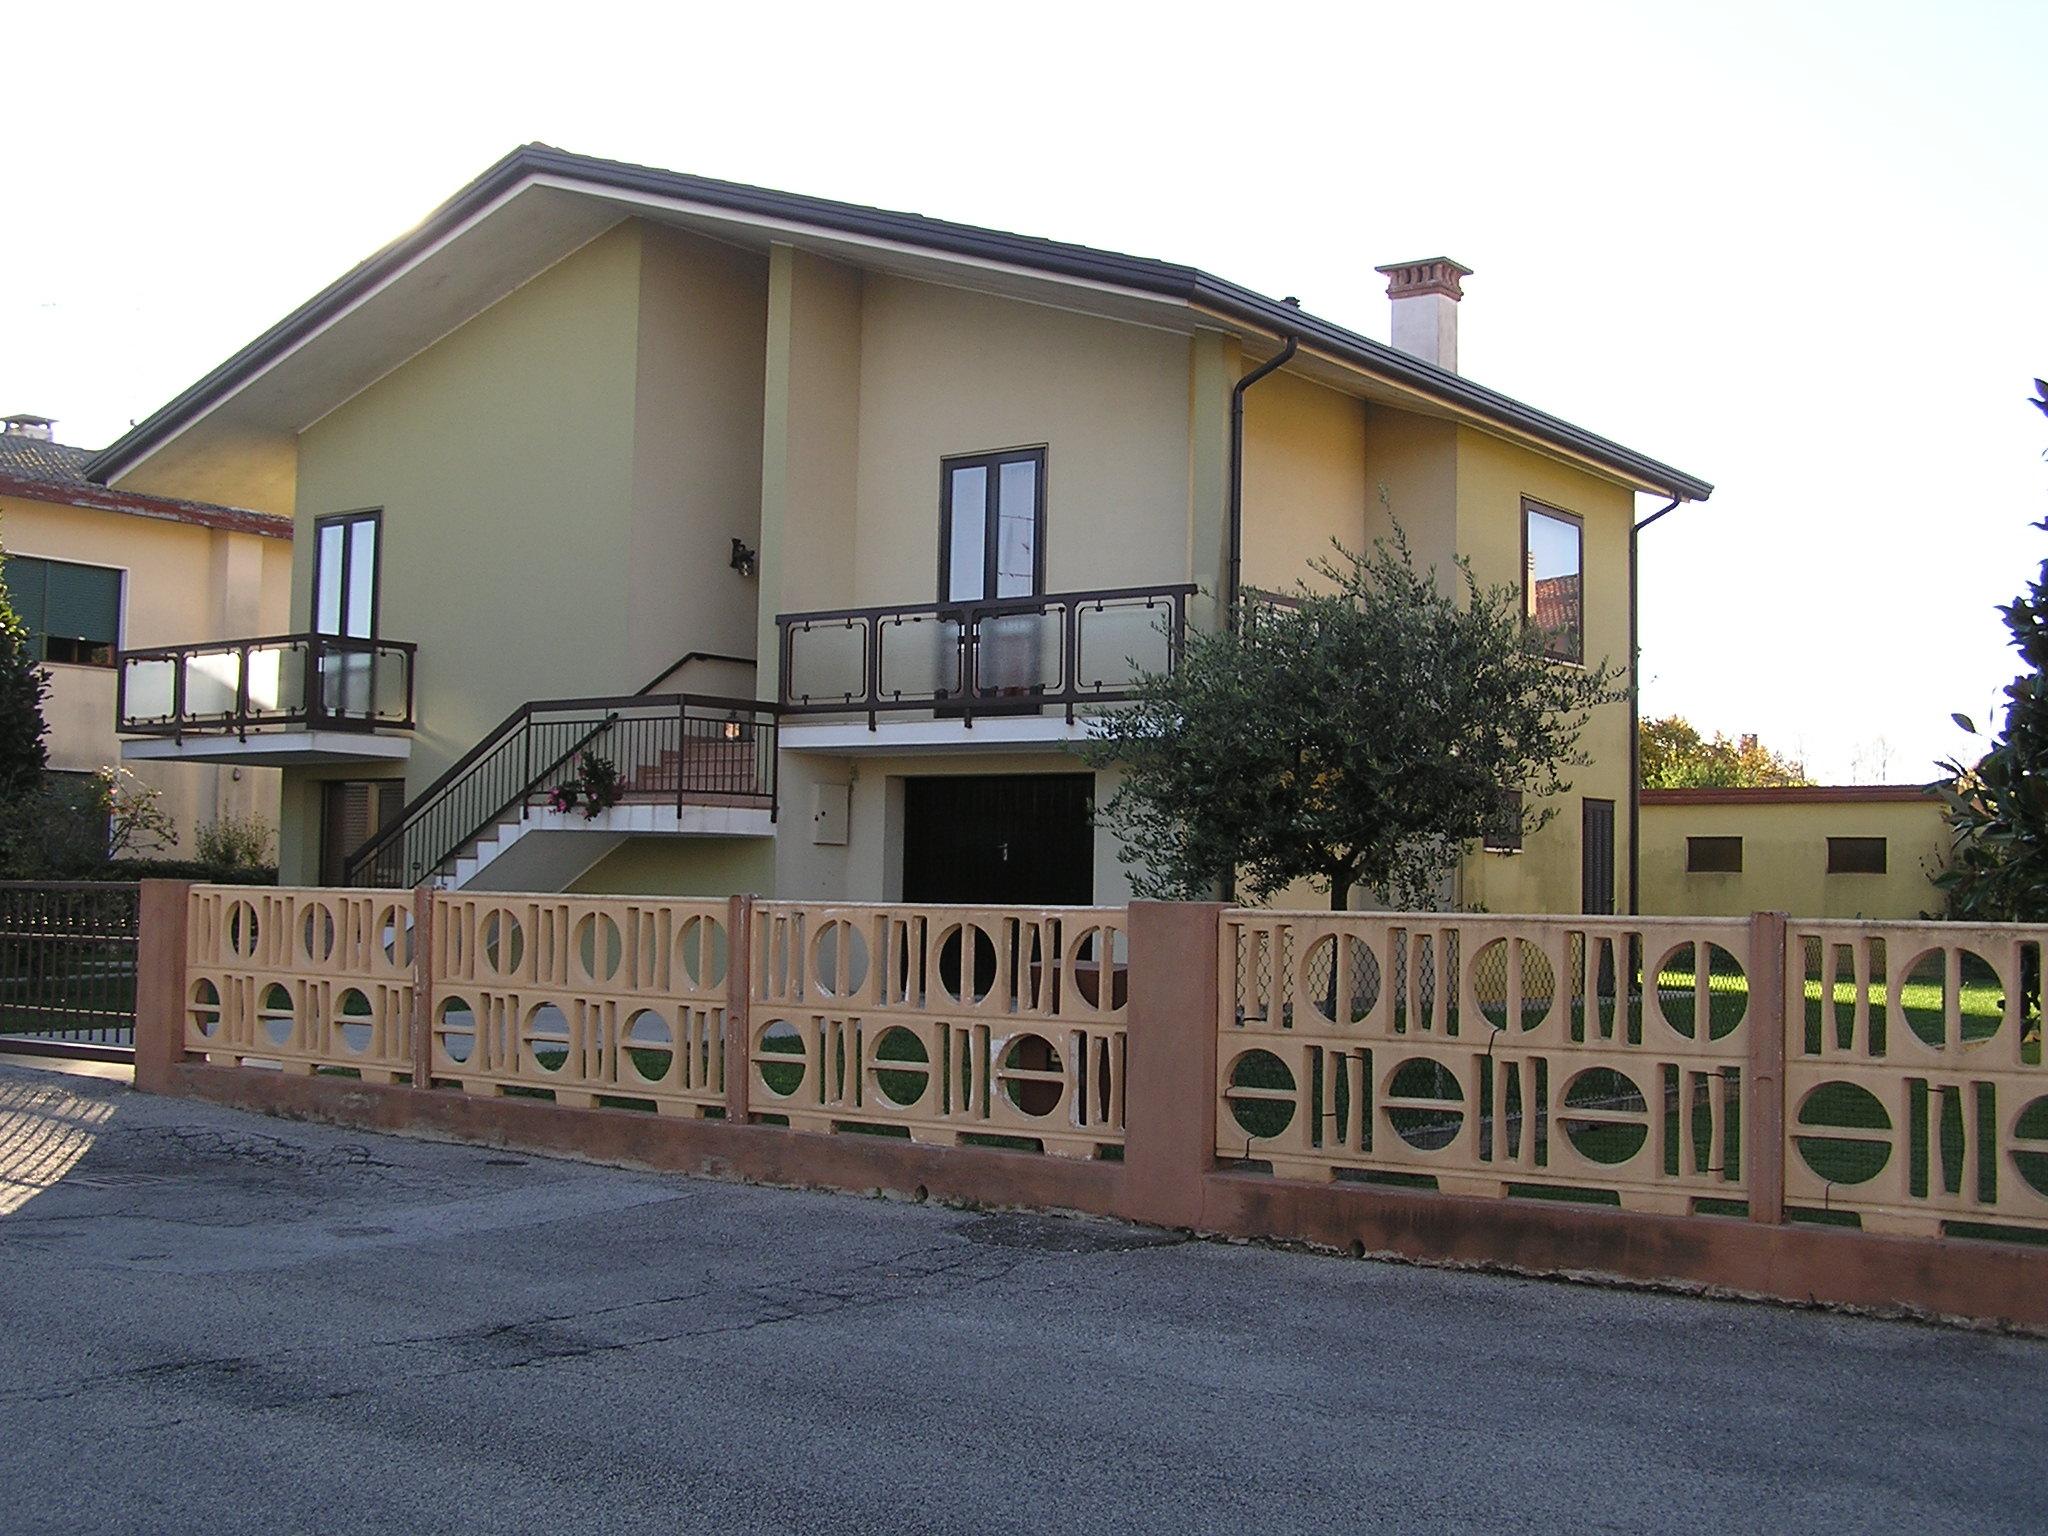 Vendesi fossalta di portogruaro agenzia immobiliare for Appartamenti arredati in affitto a portogruaro